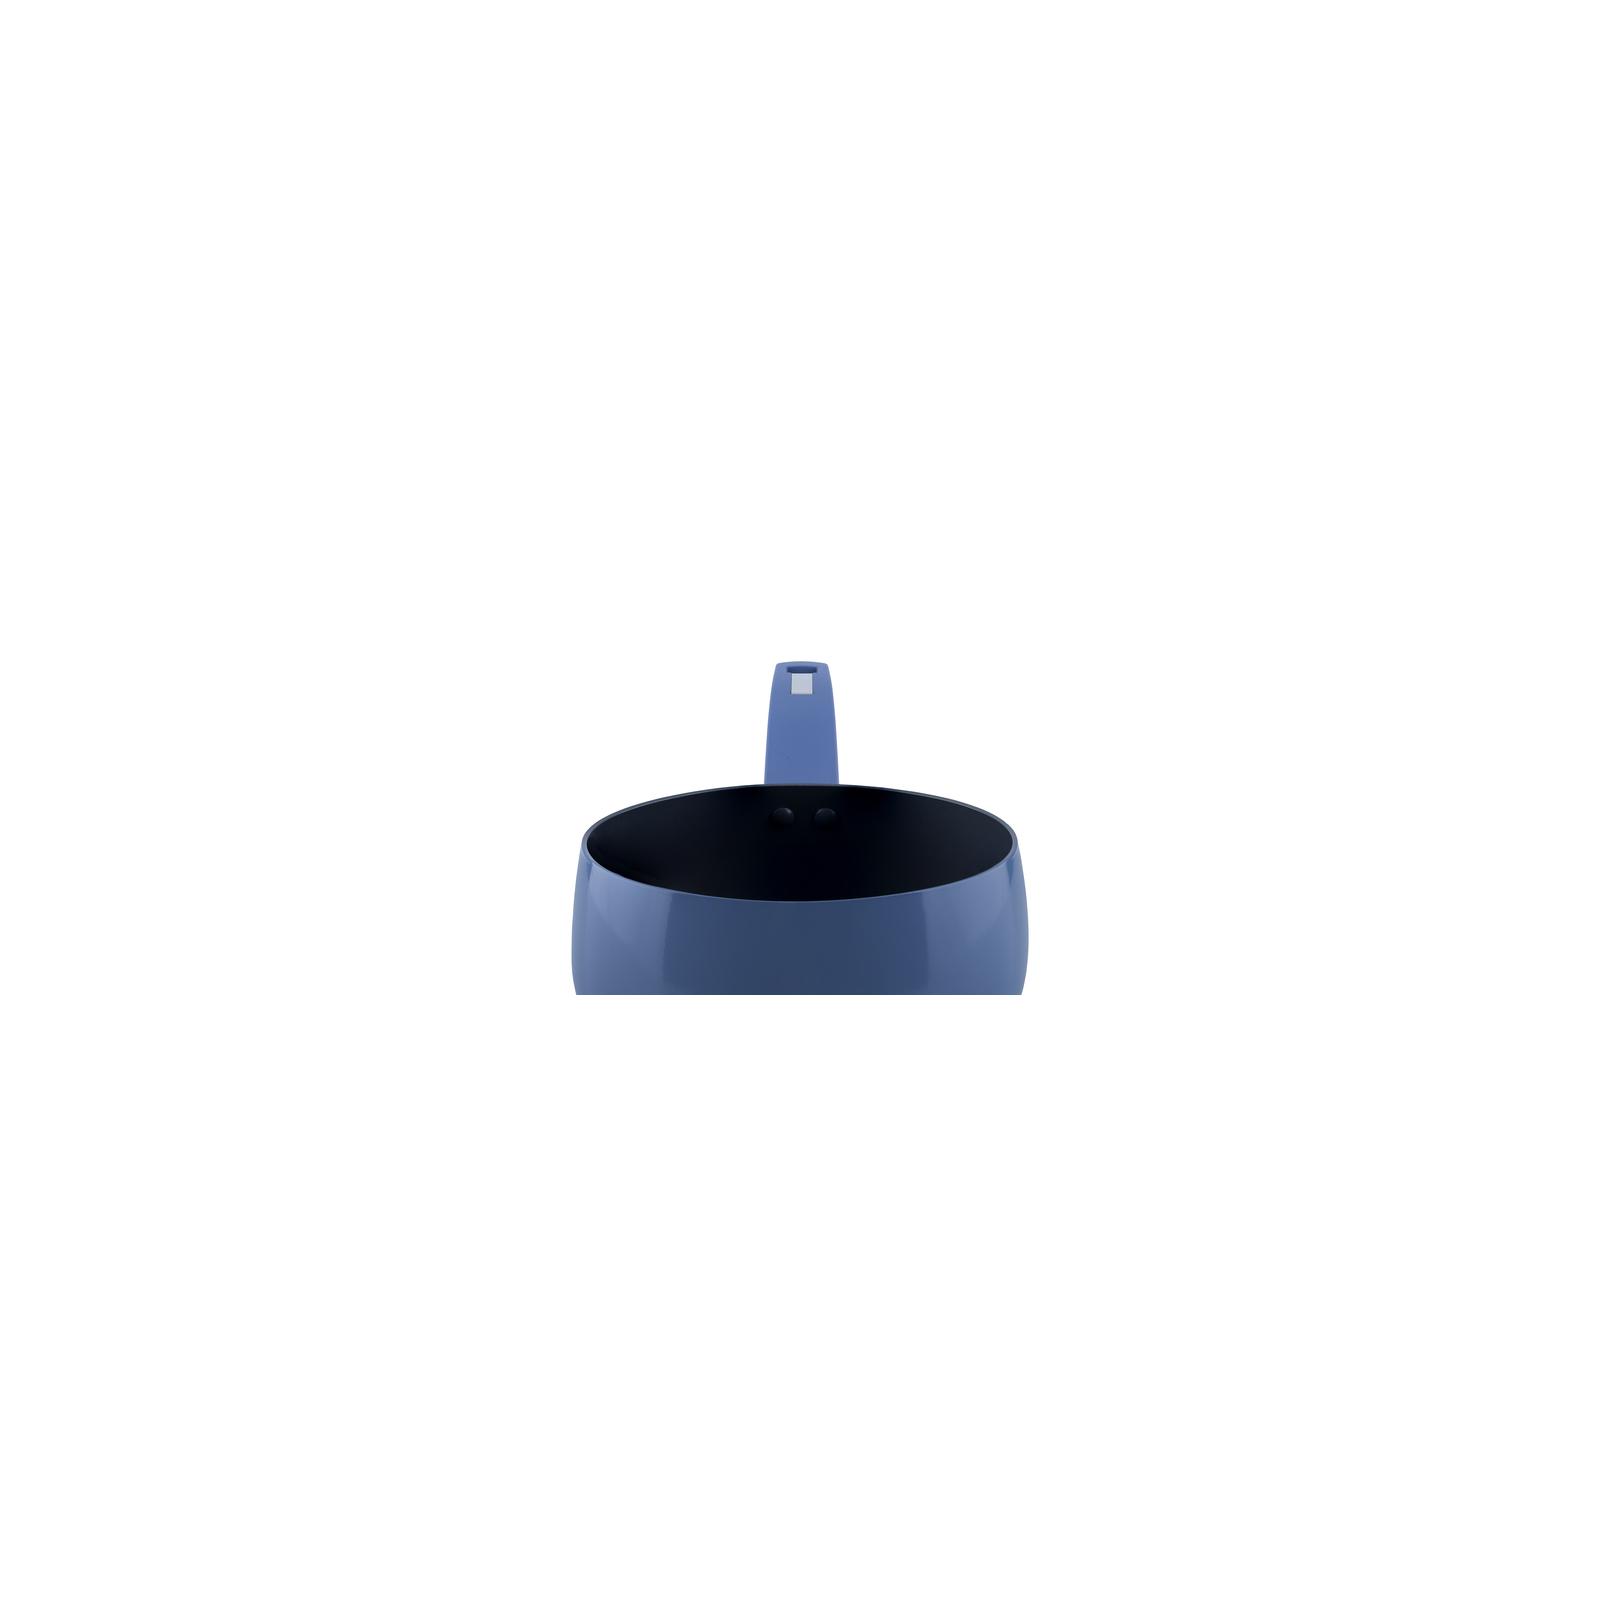 Ковш Ringel Piment с крышкой 2.3 л (RG-4127-18) изображение 6